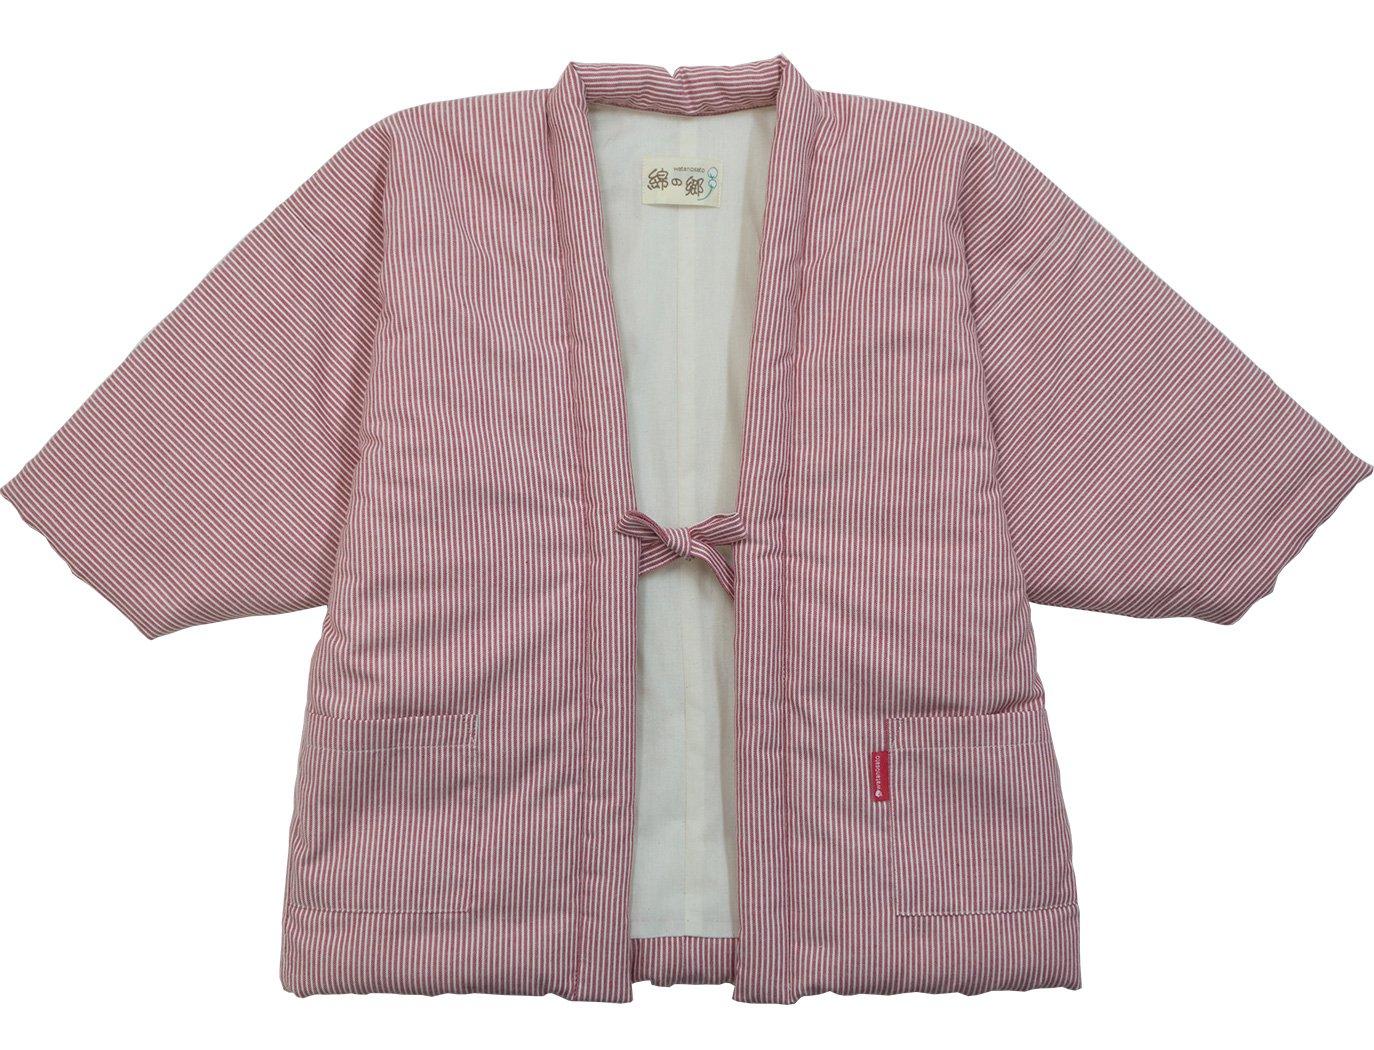 [어린이용 한텐] 와타노사토 히코리무늬 리뉴얼 어린이 한텐 일본 방한복 일본제 (옵션: 레드, 네이비/ 120-140)